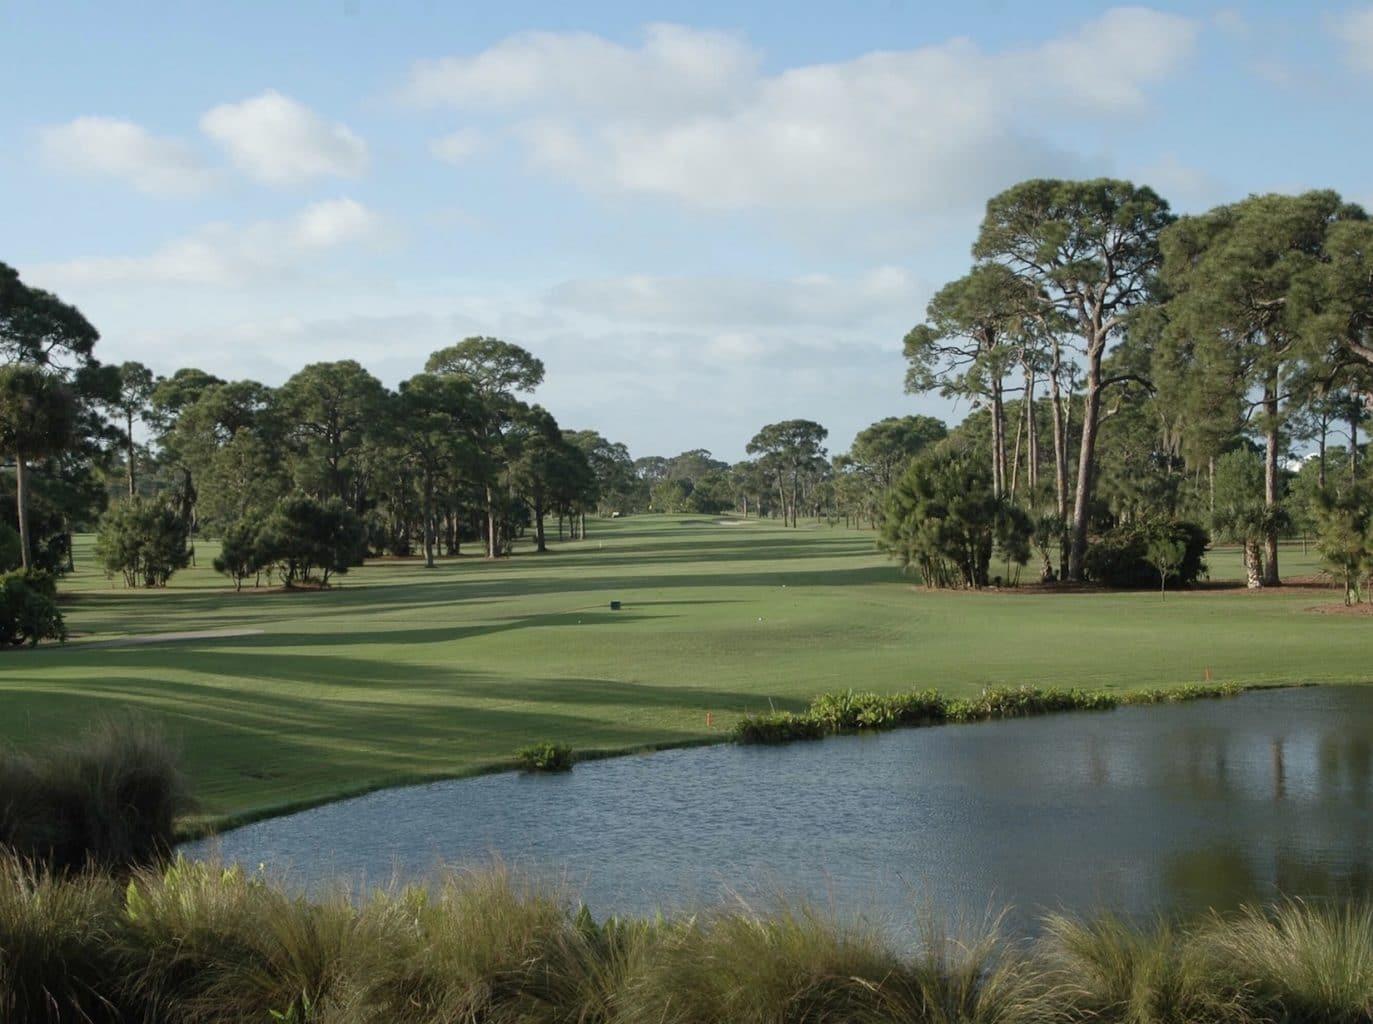 Lemon Bay Golf Club, Englewood - 18 hole - Golf in Florida